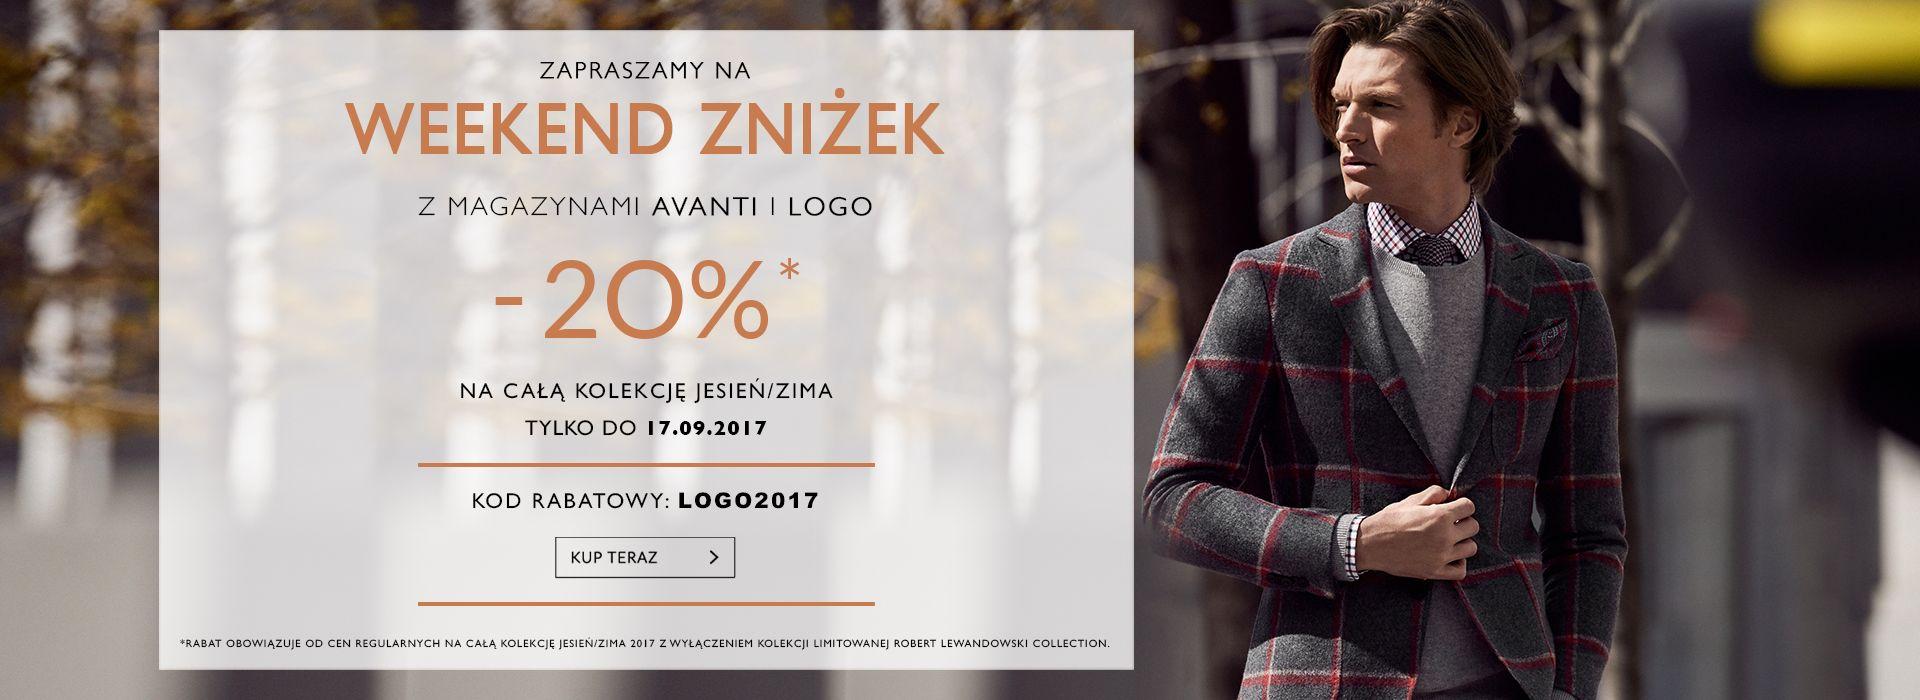 Vistula Vistula: weekend zniżek 20% zniżki na całą kolekcję jesień-zima 2017/2018